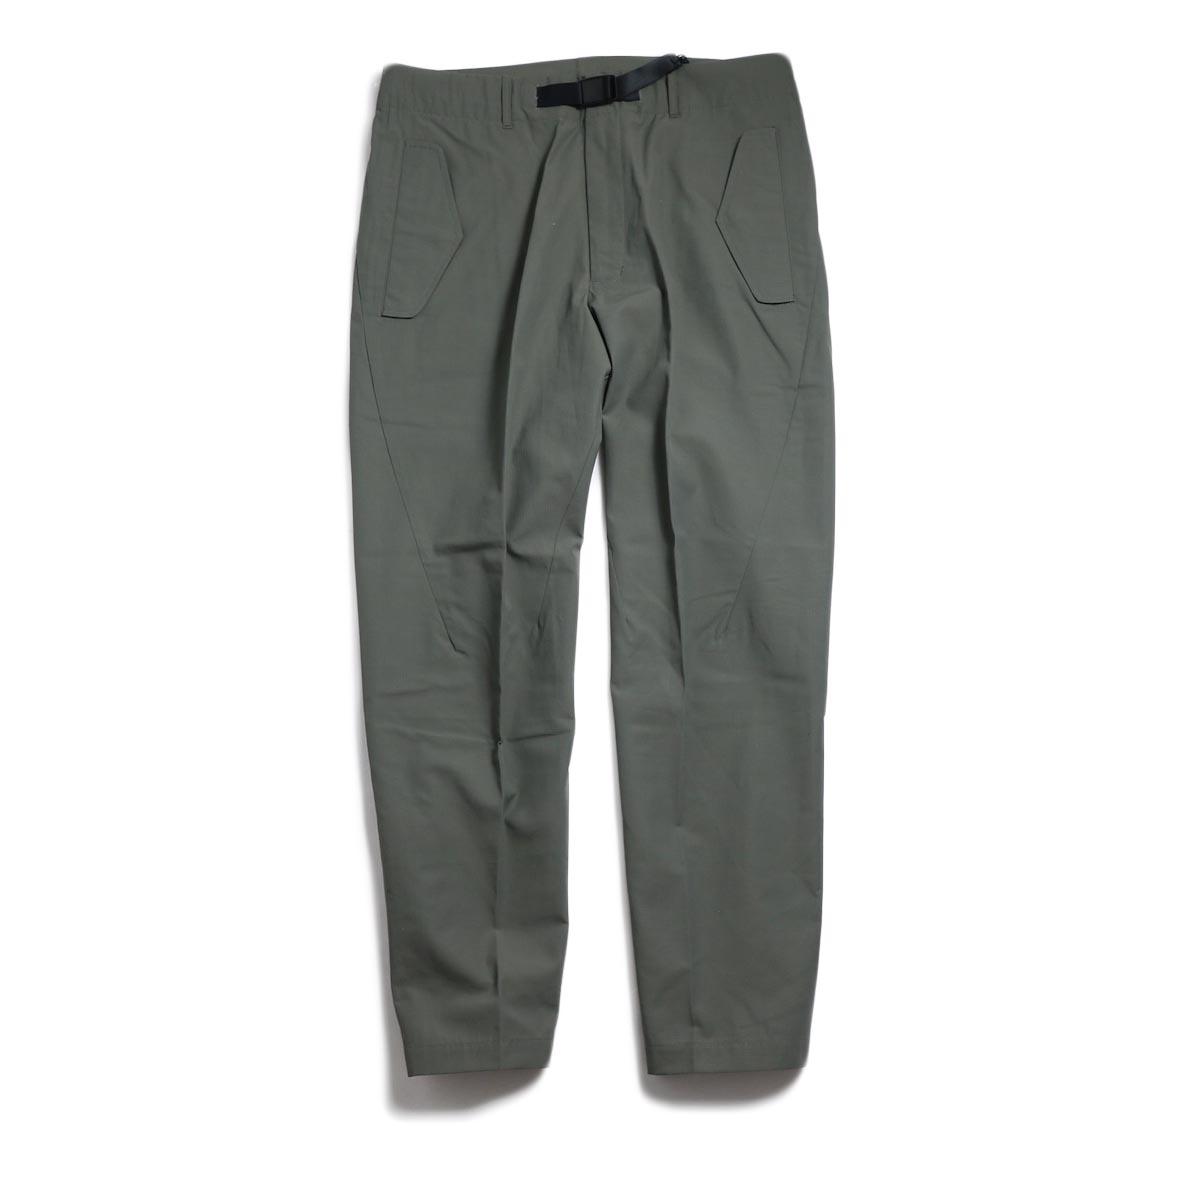 DESCENTE ddd / UNIFIT PANTS -GRAY